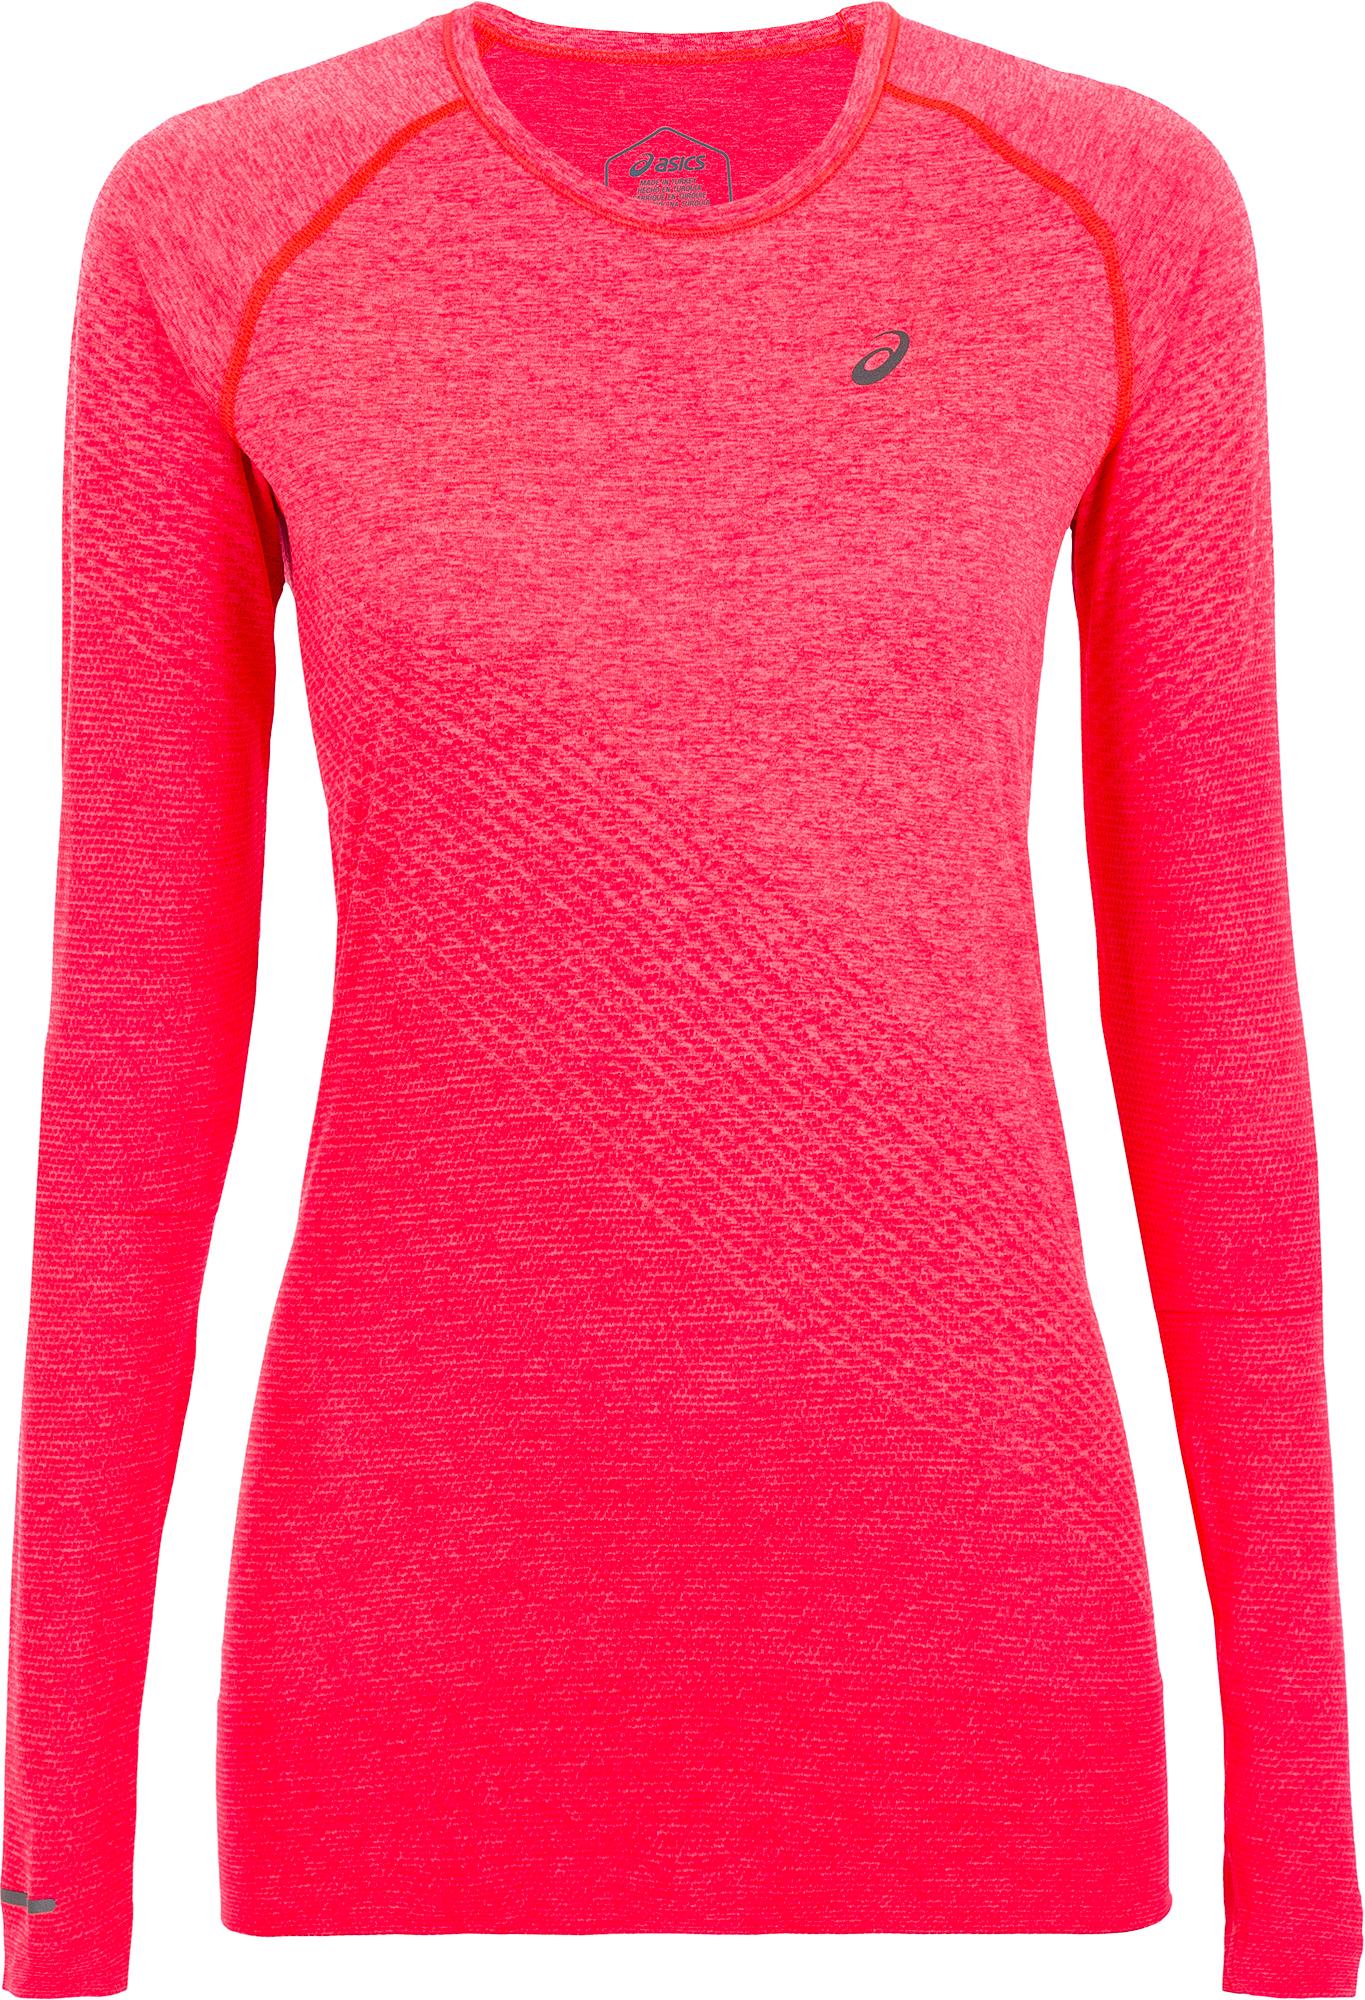 ASICS Лонгслив женский ASICS Seamless, размер 46-48 лонгслив женский oodji collection цвет бордовый белый 24211001b 45297 4912s размер l 48